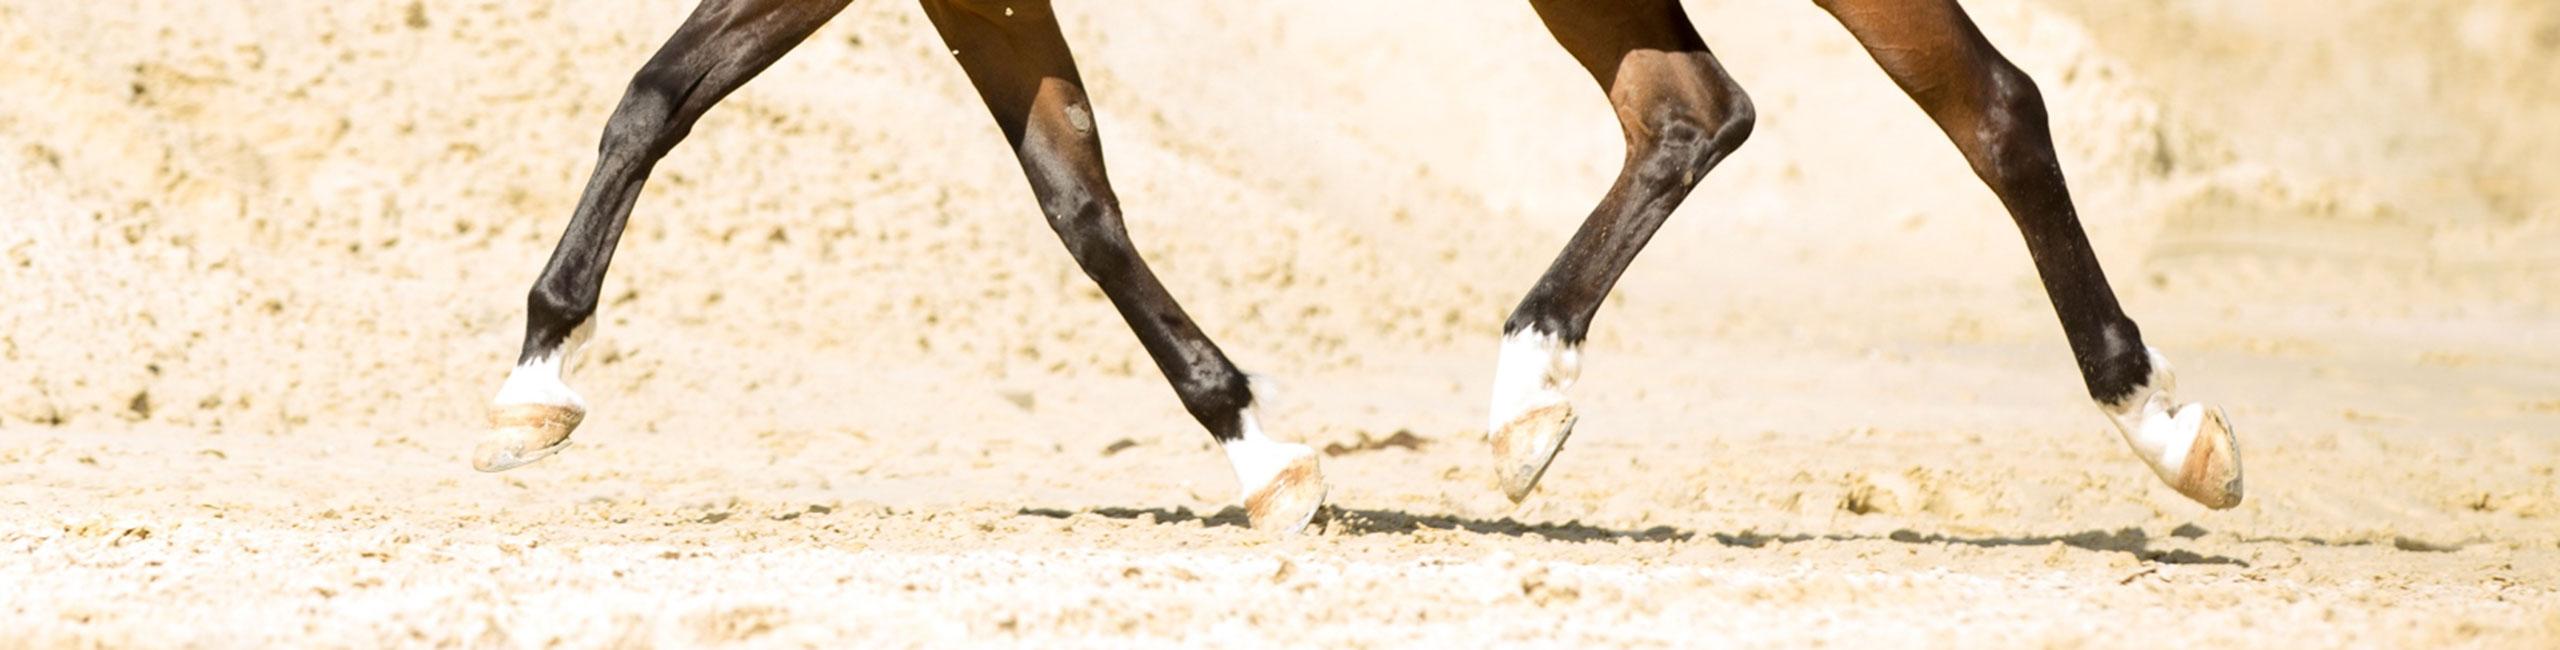 Pferdebeine im Abbau im Trab